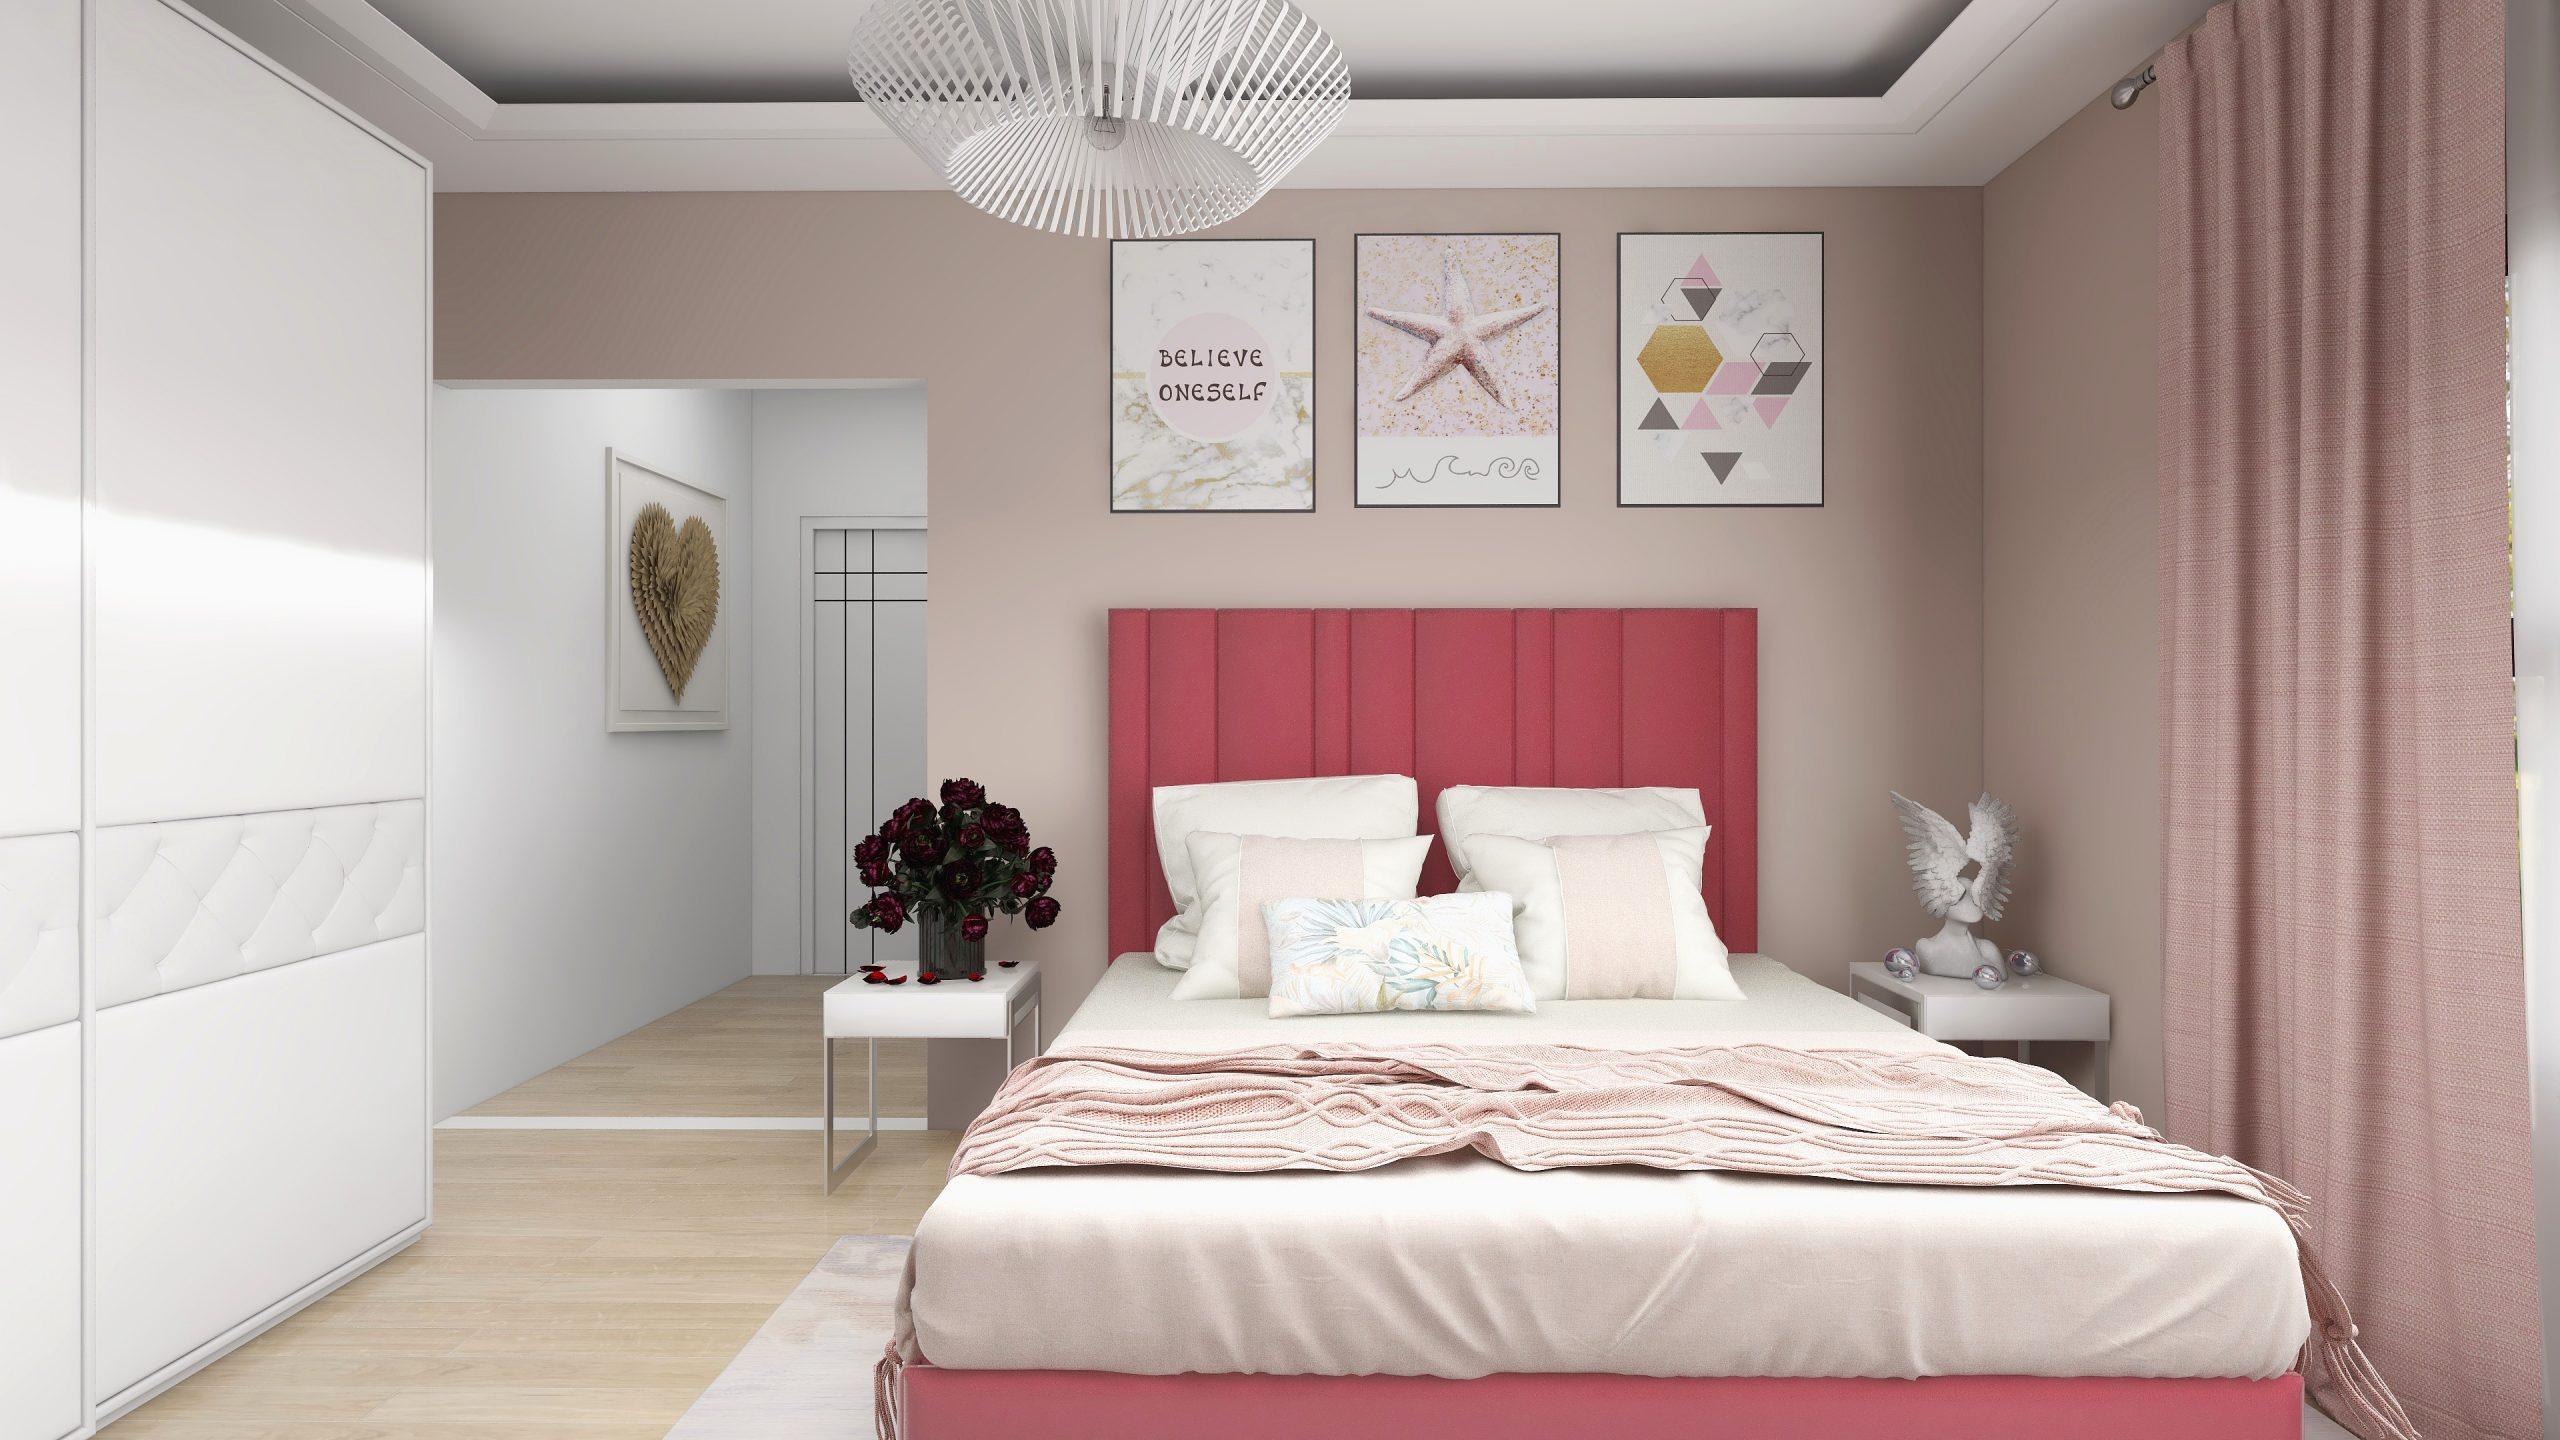 Design camera fete culori roz si piersica